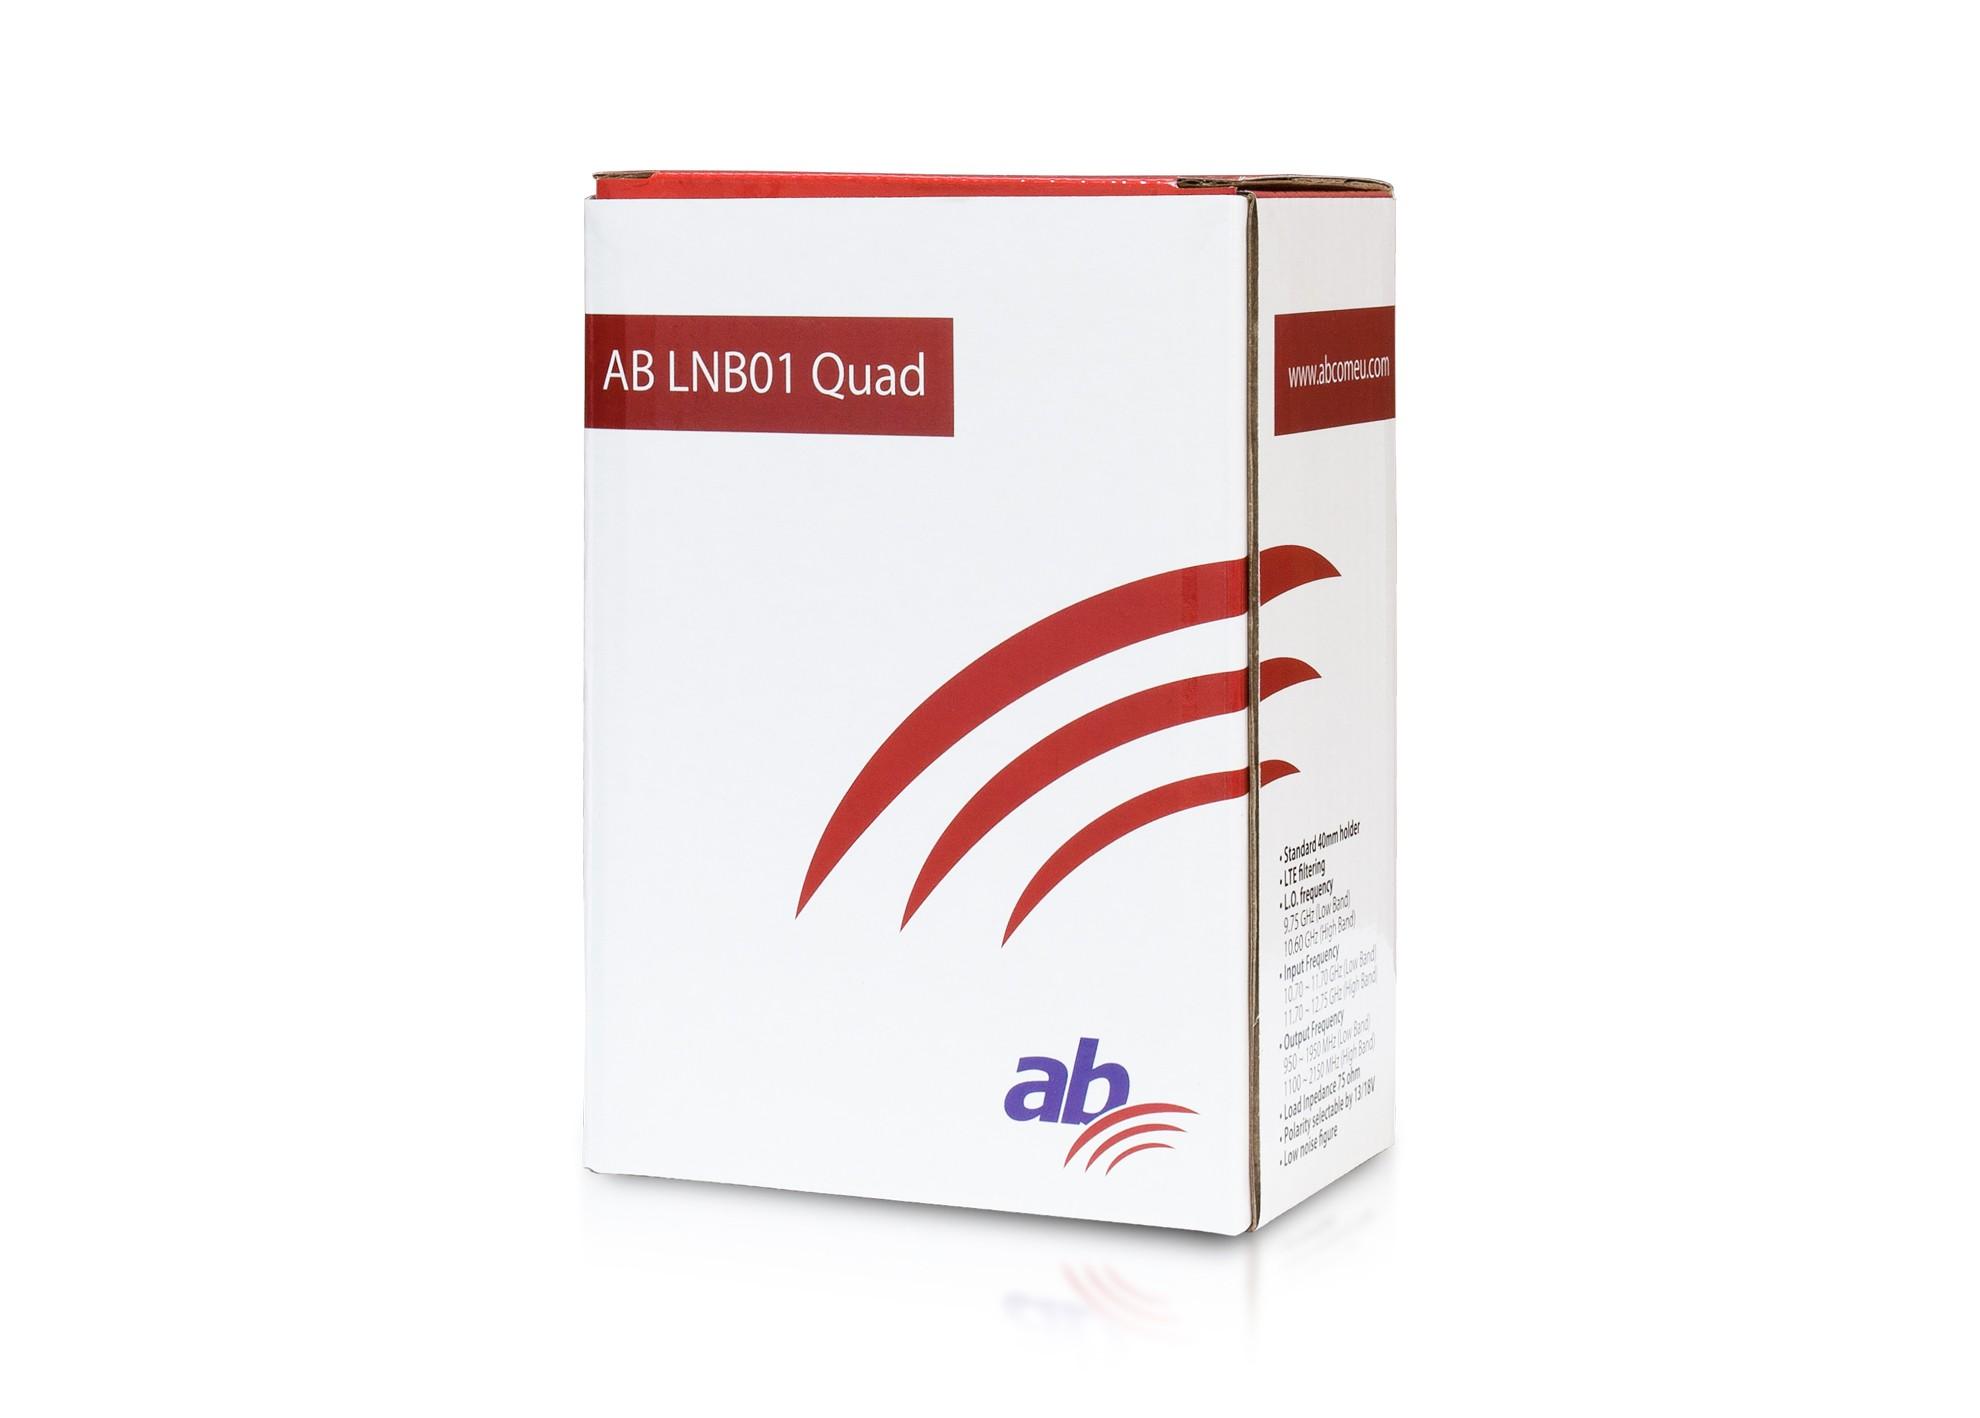 AB LNB01 Quad Red Edition